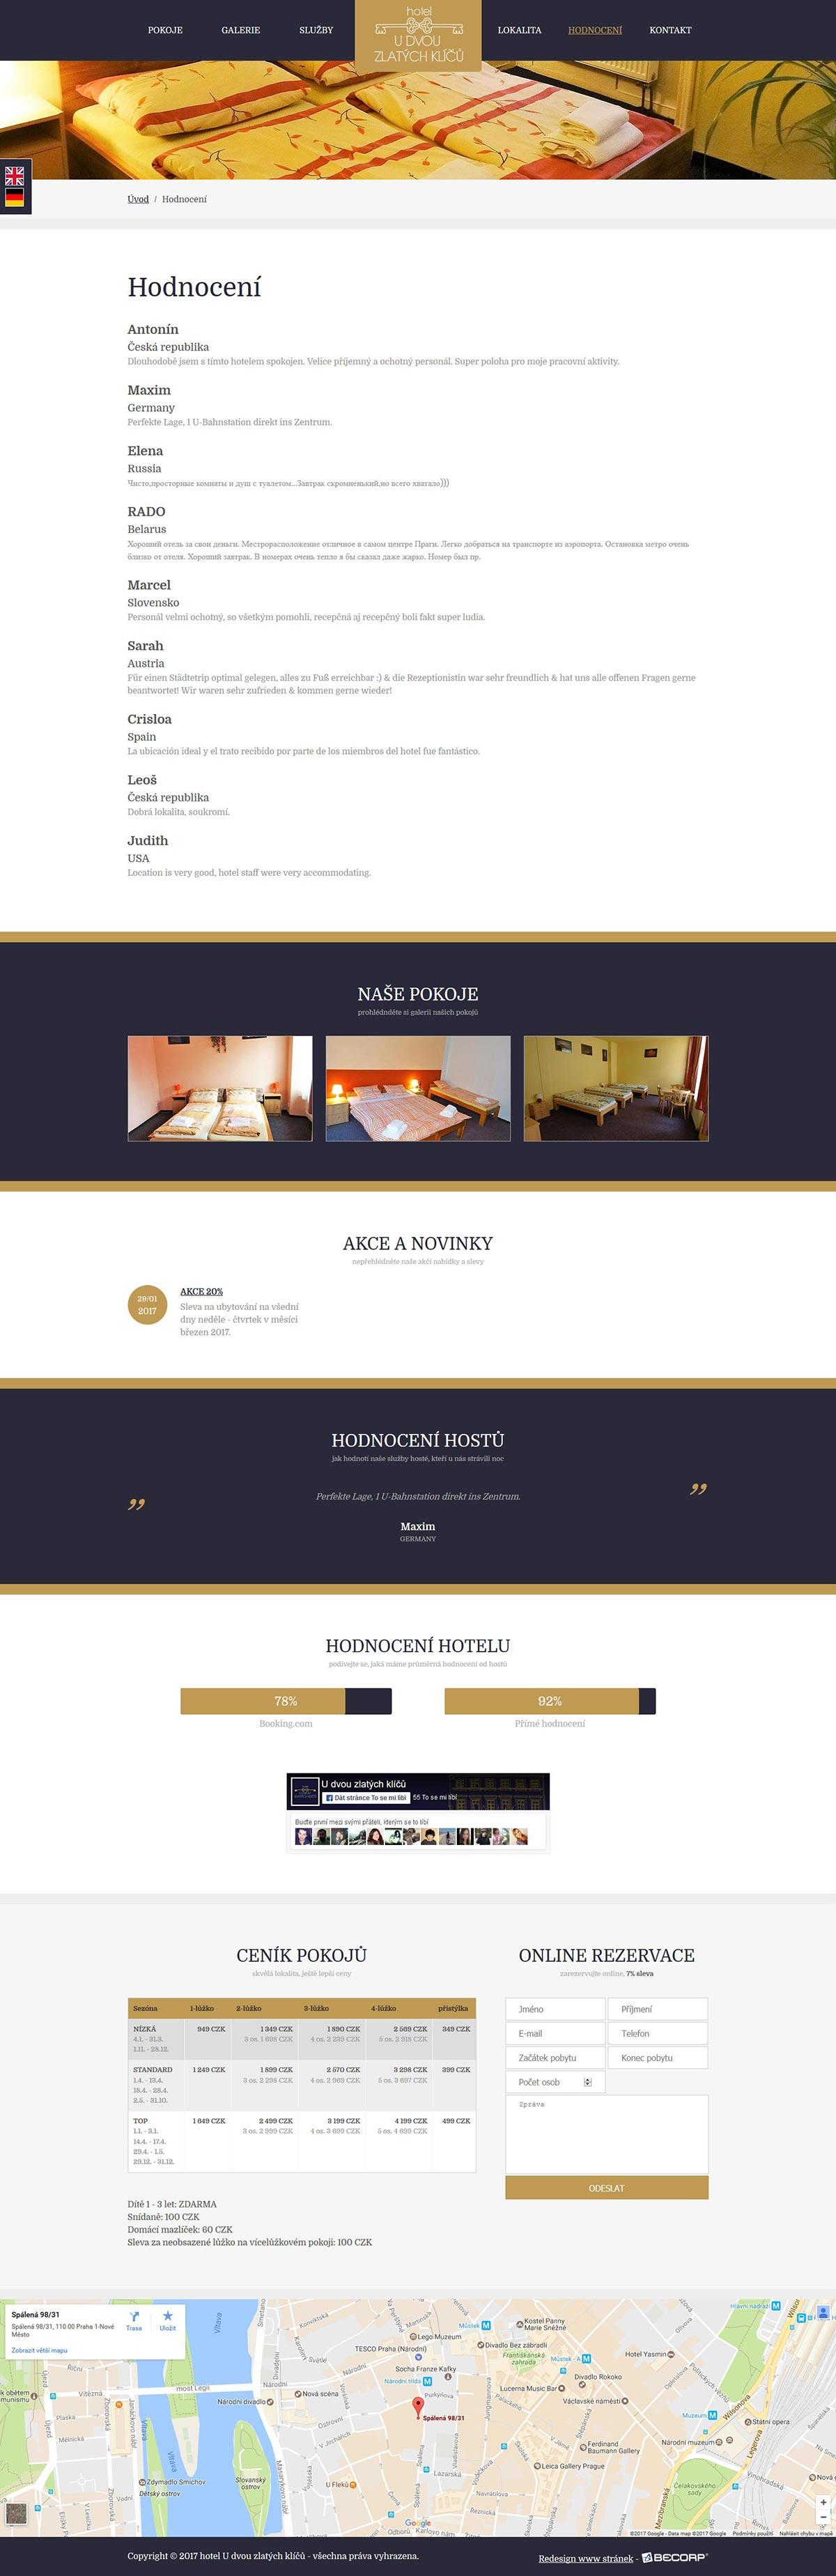 Tvorba www stránky pro pražský hotel v centru metropole